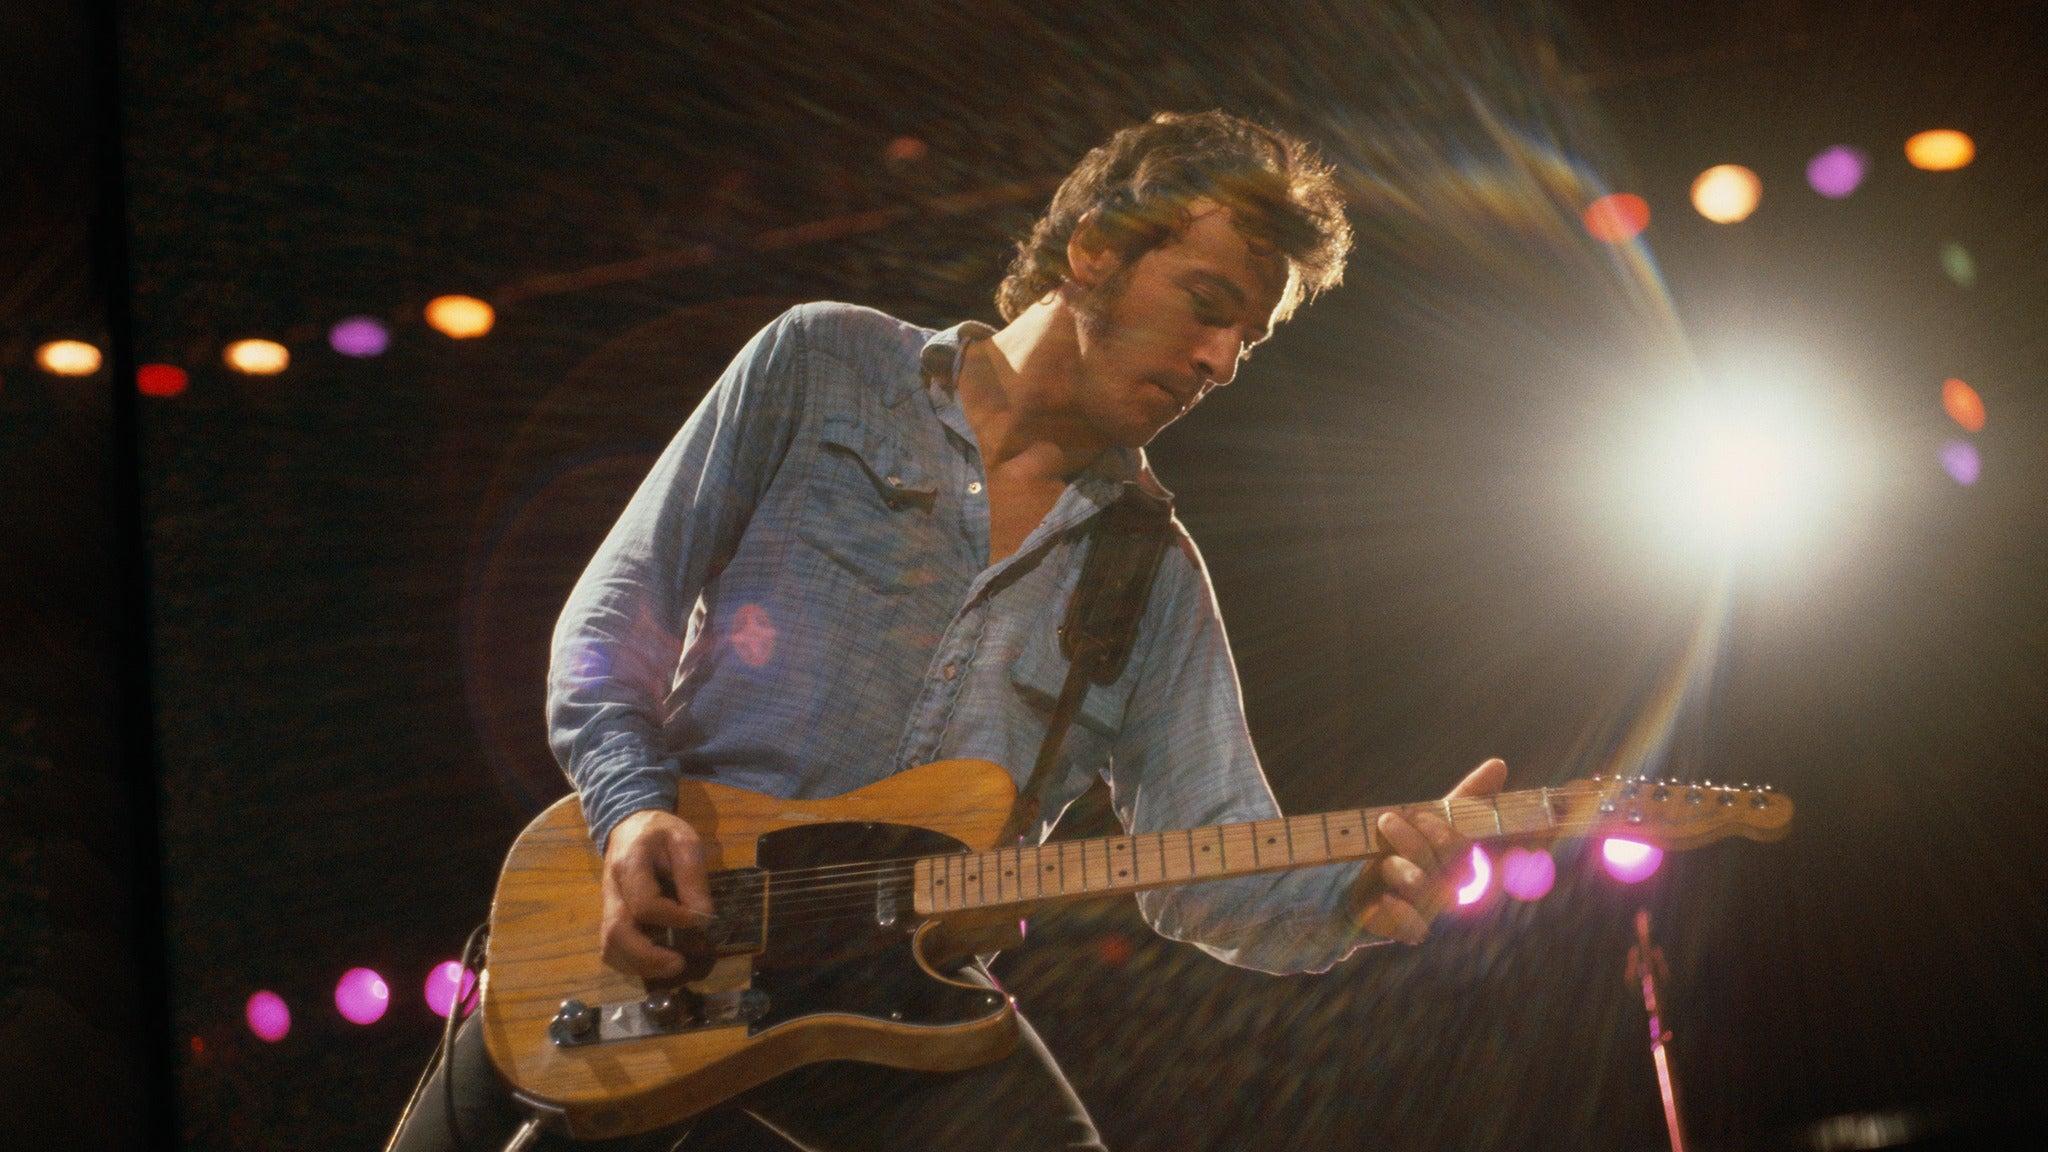 Tickets Bruce Springsteen 2021